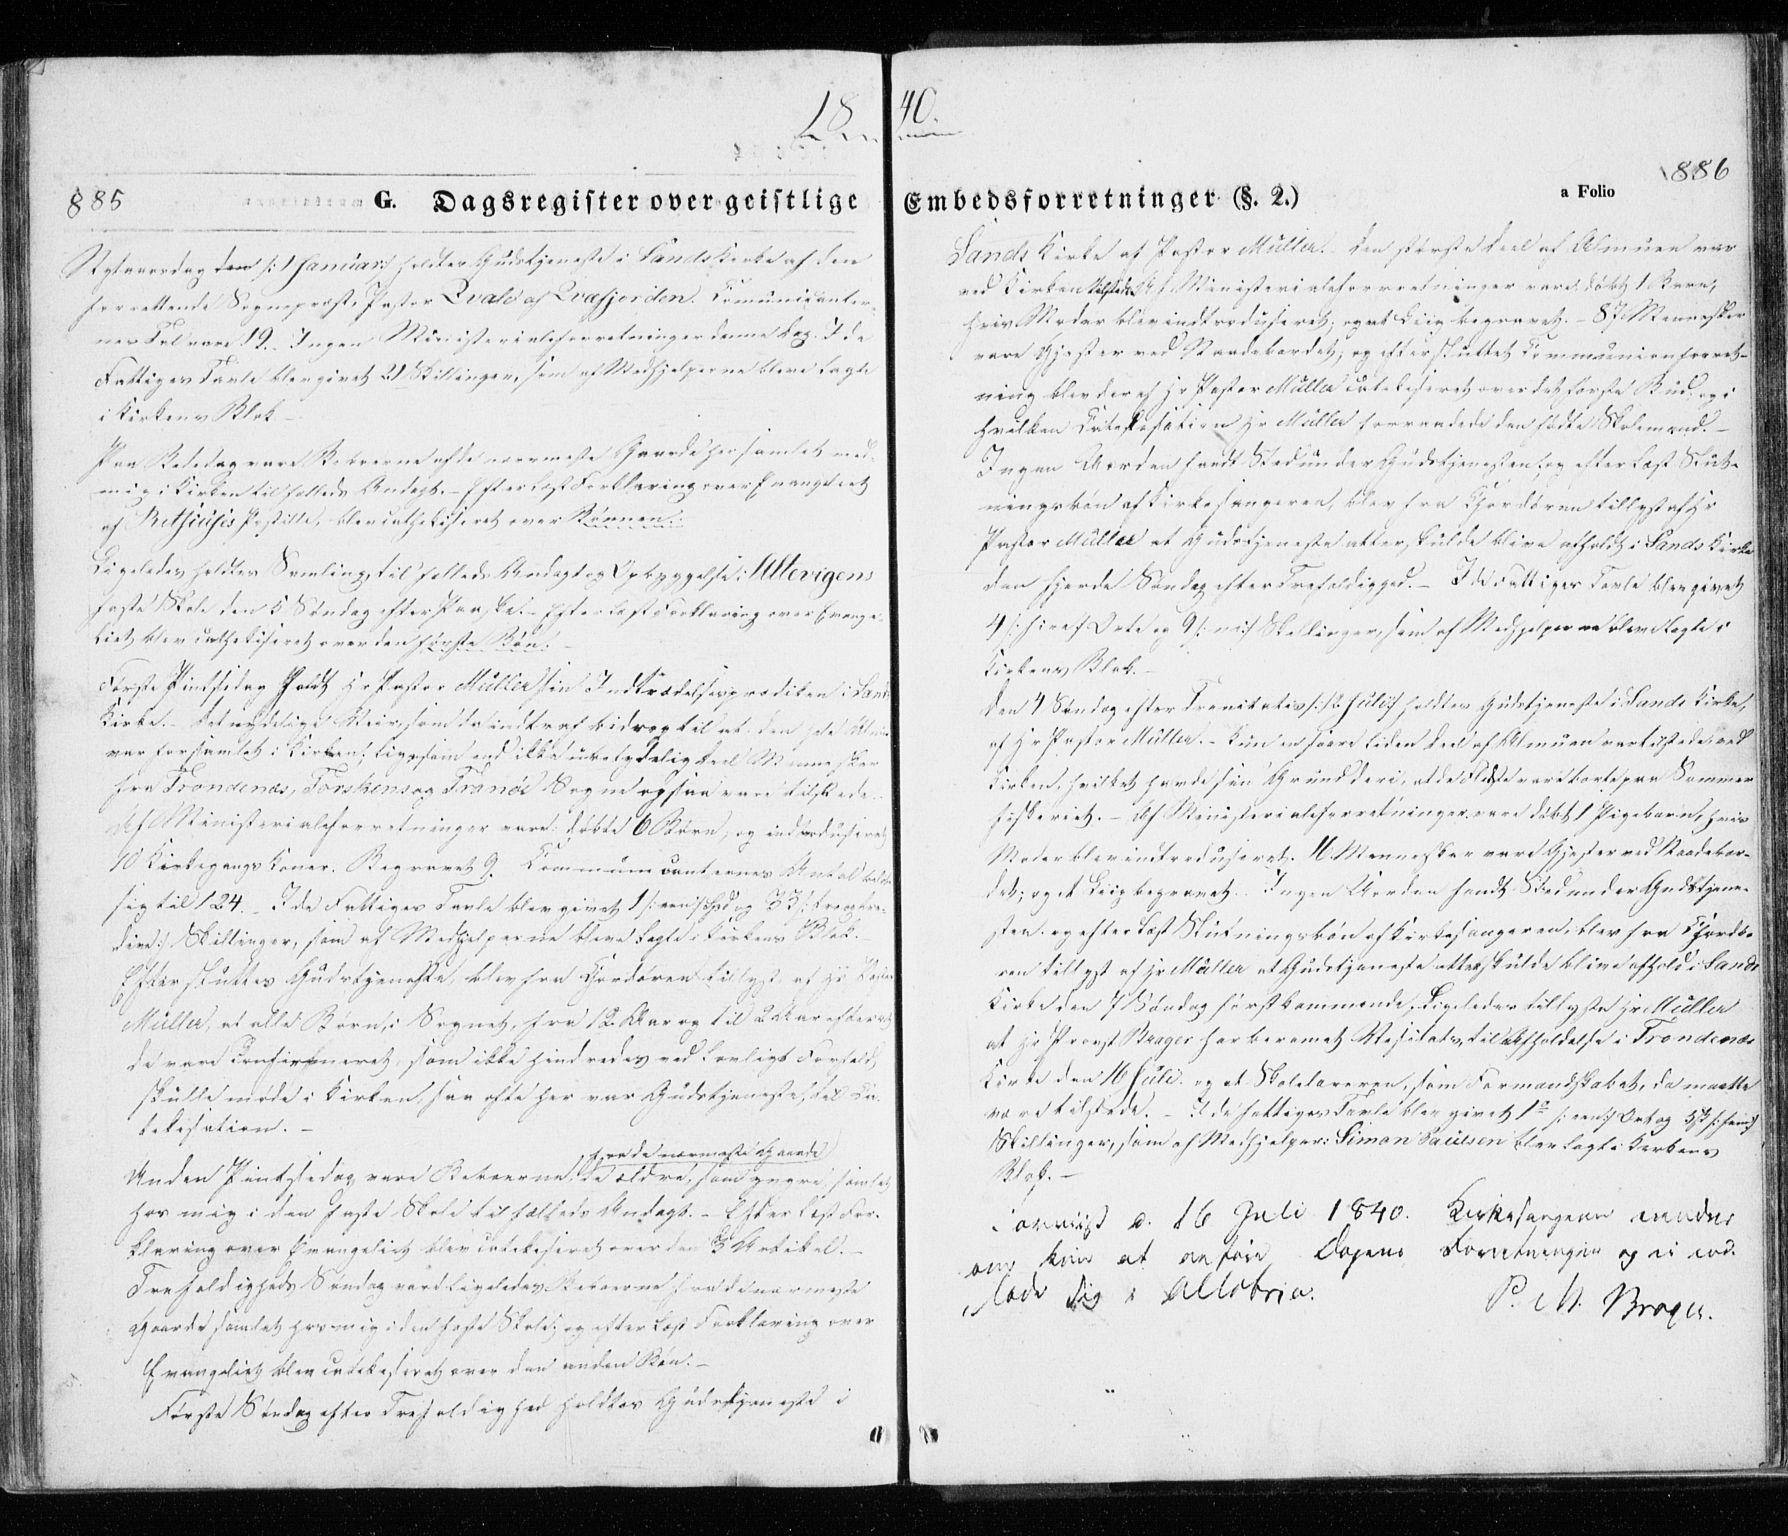 SATØ, Trondenes sokneprestkontor, H/Ha/L0010kirke: Ministerialbok nr. 10, 1840-1865, s. 885-886